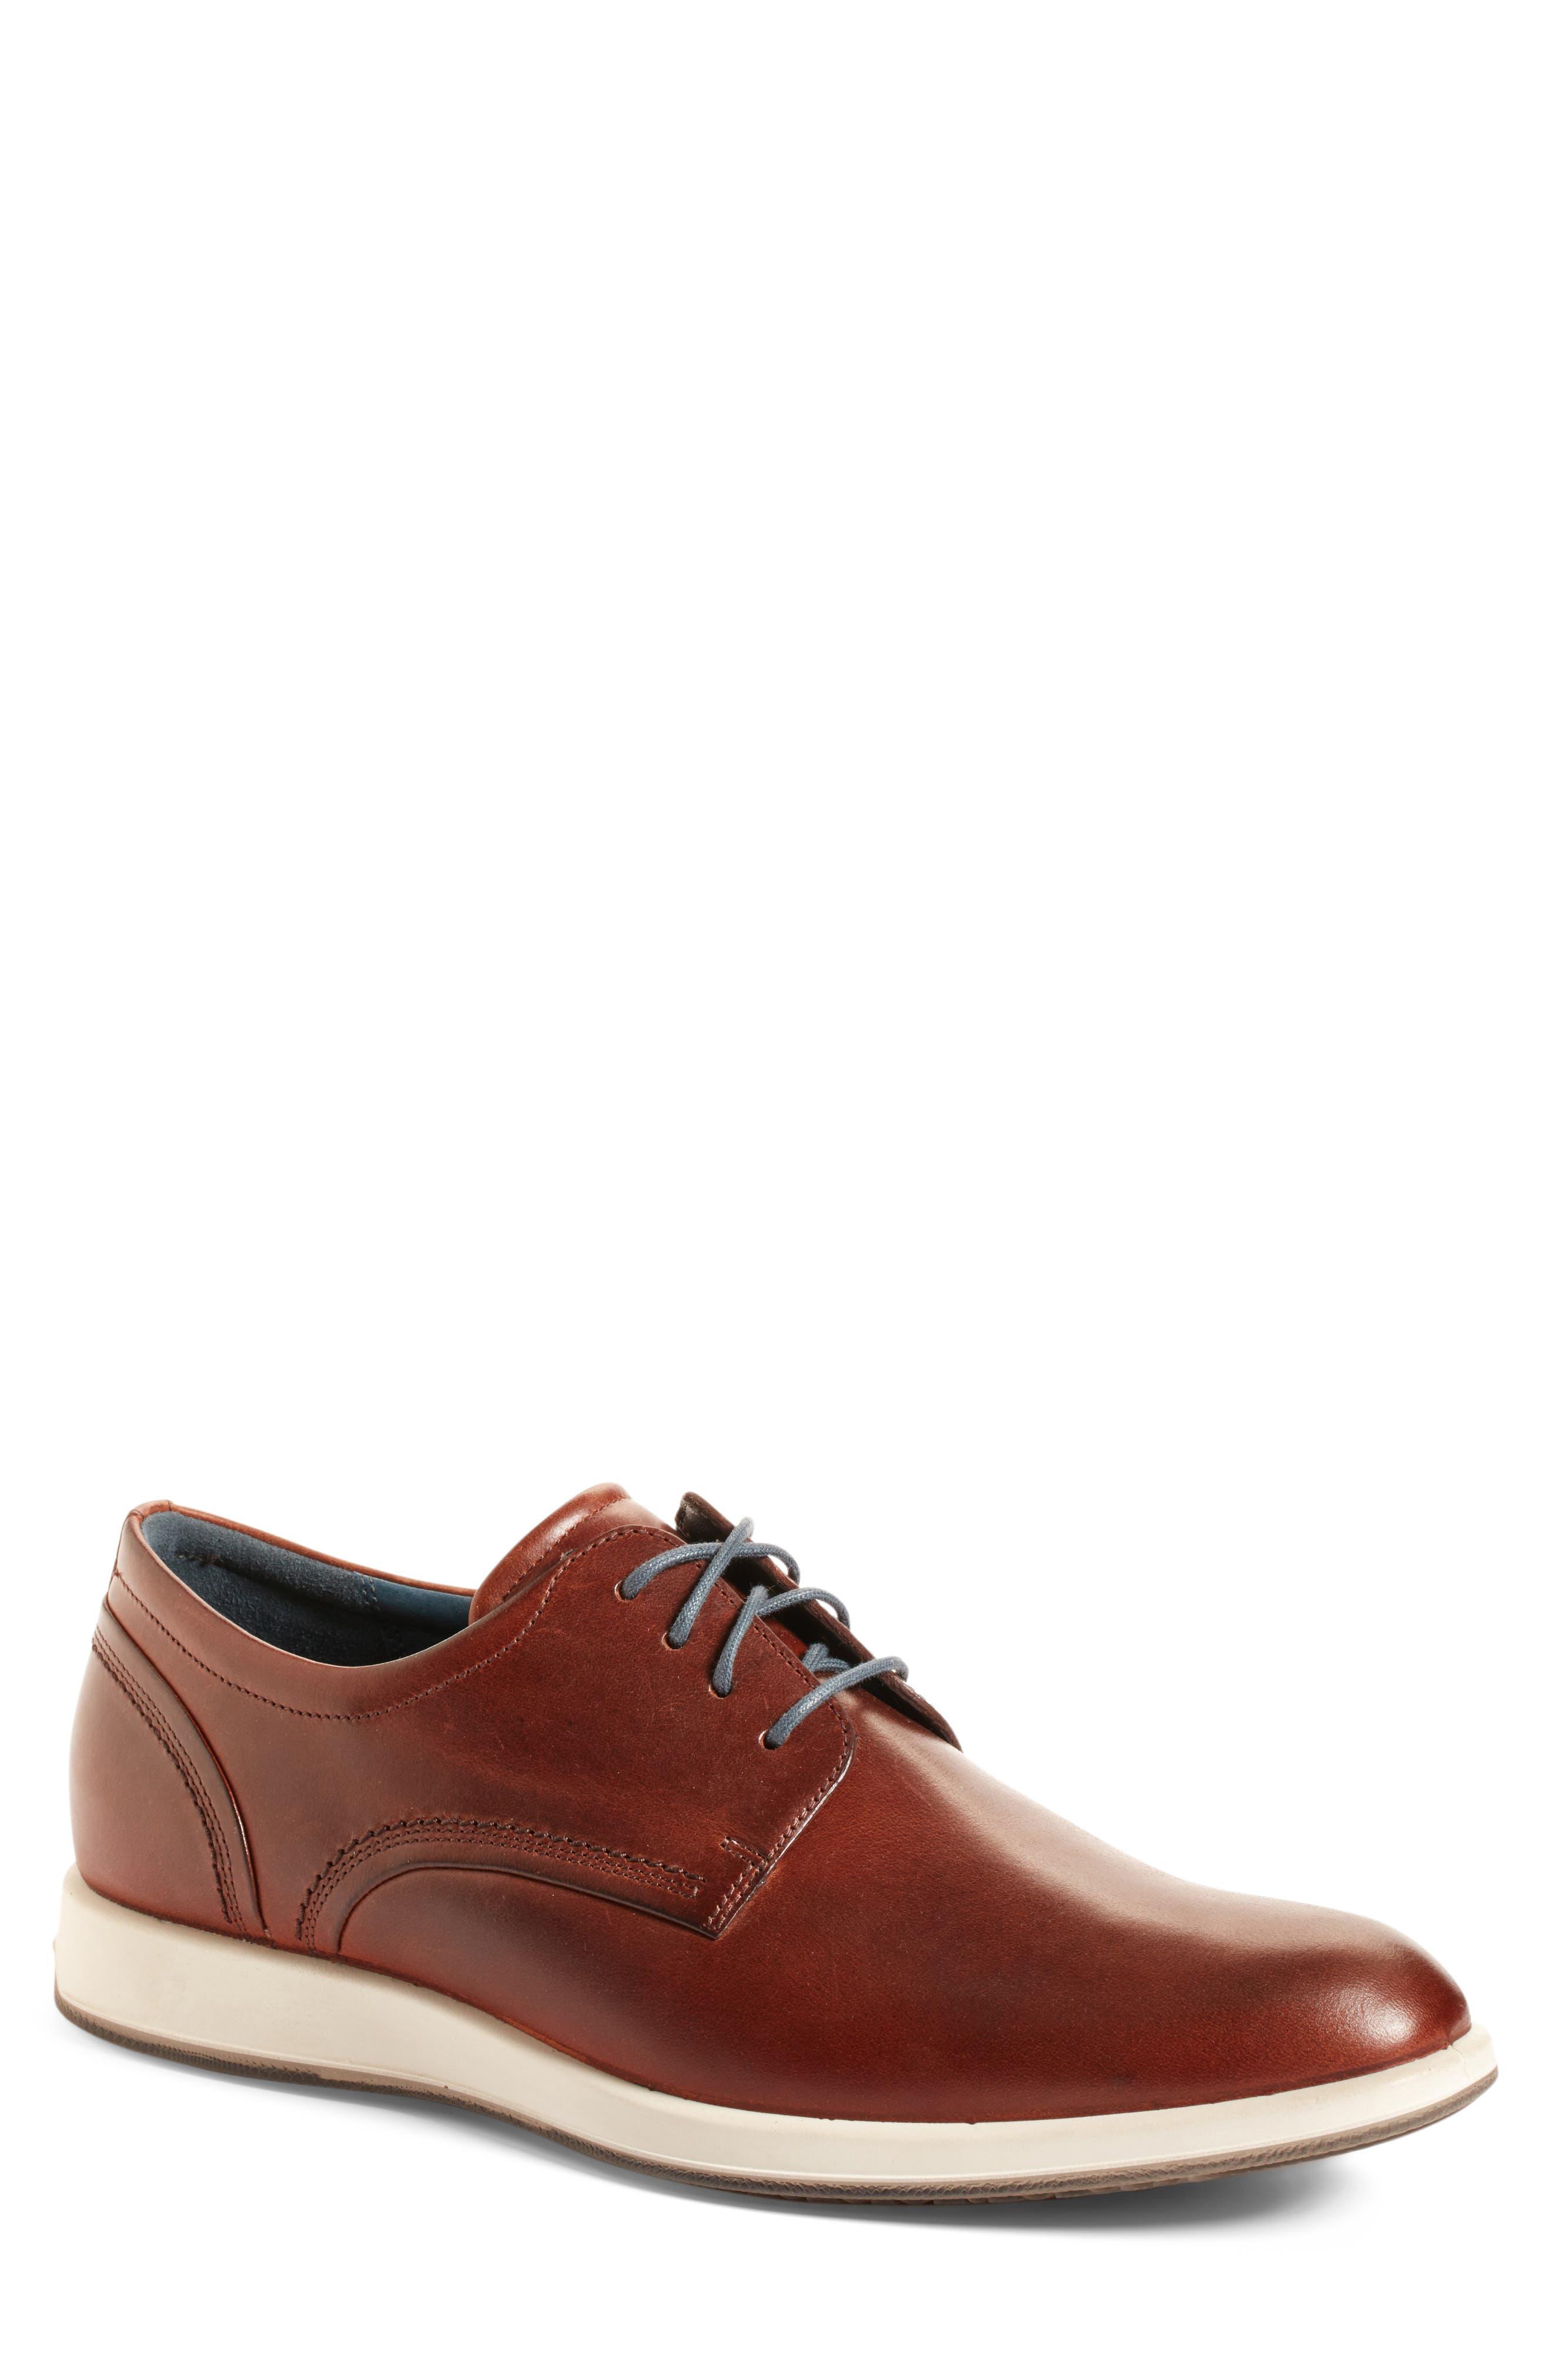 Size 5 black dress shoes under $50